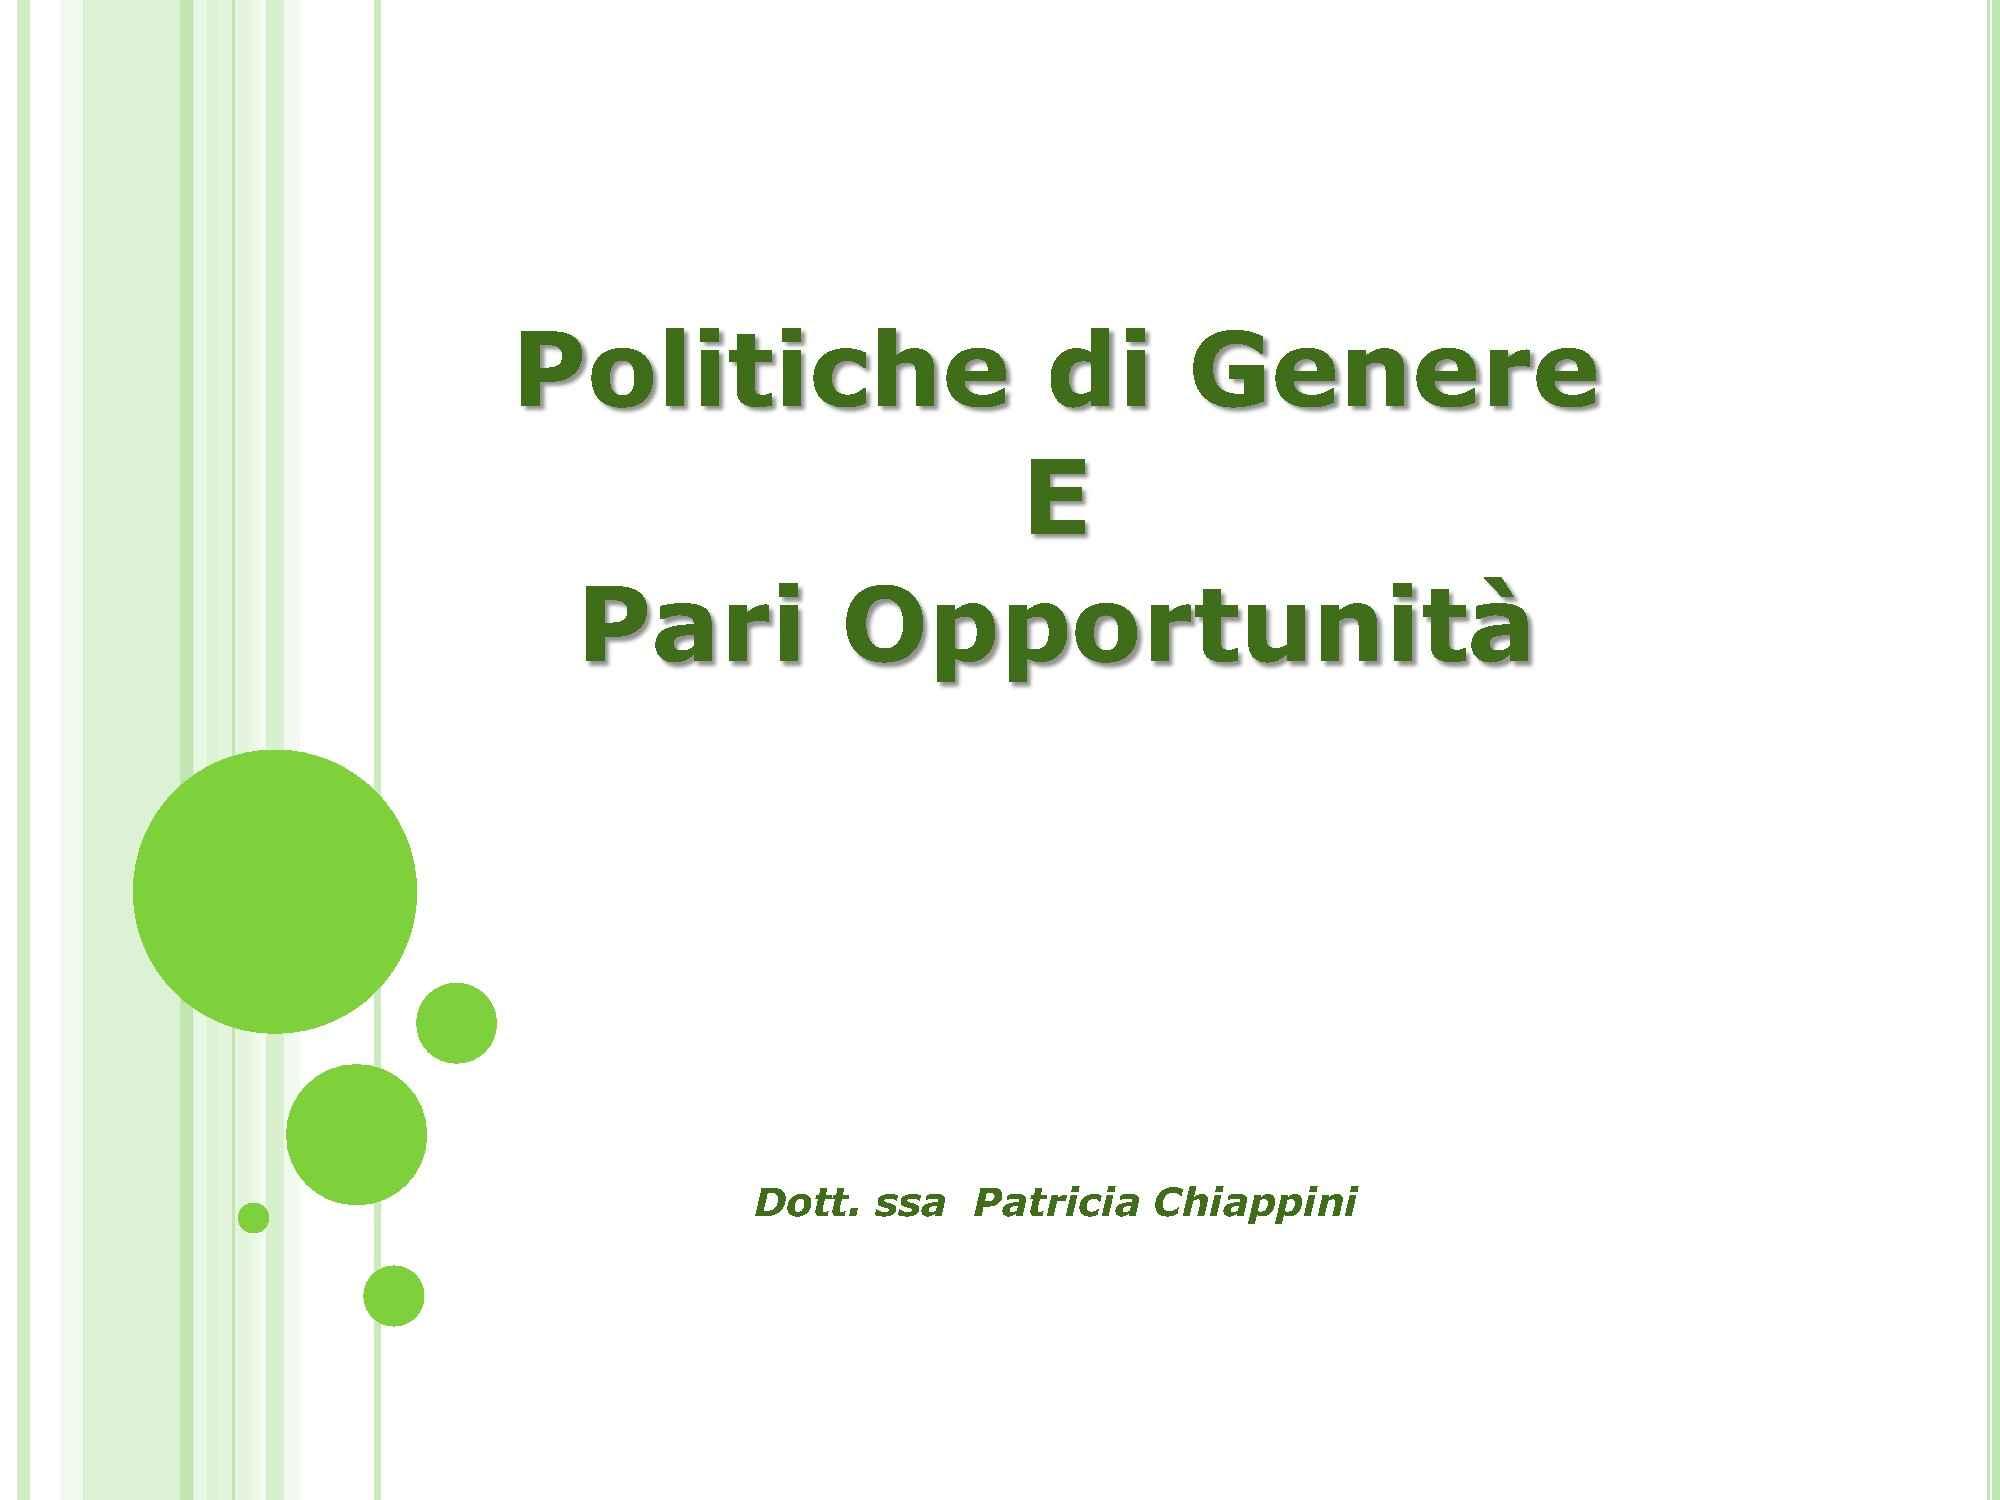 Pari Opportunità - Politiche di Genere